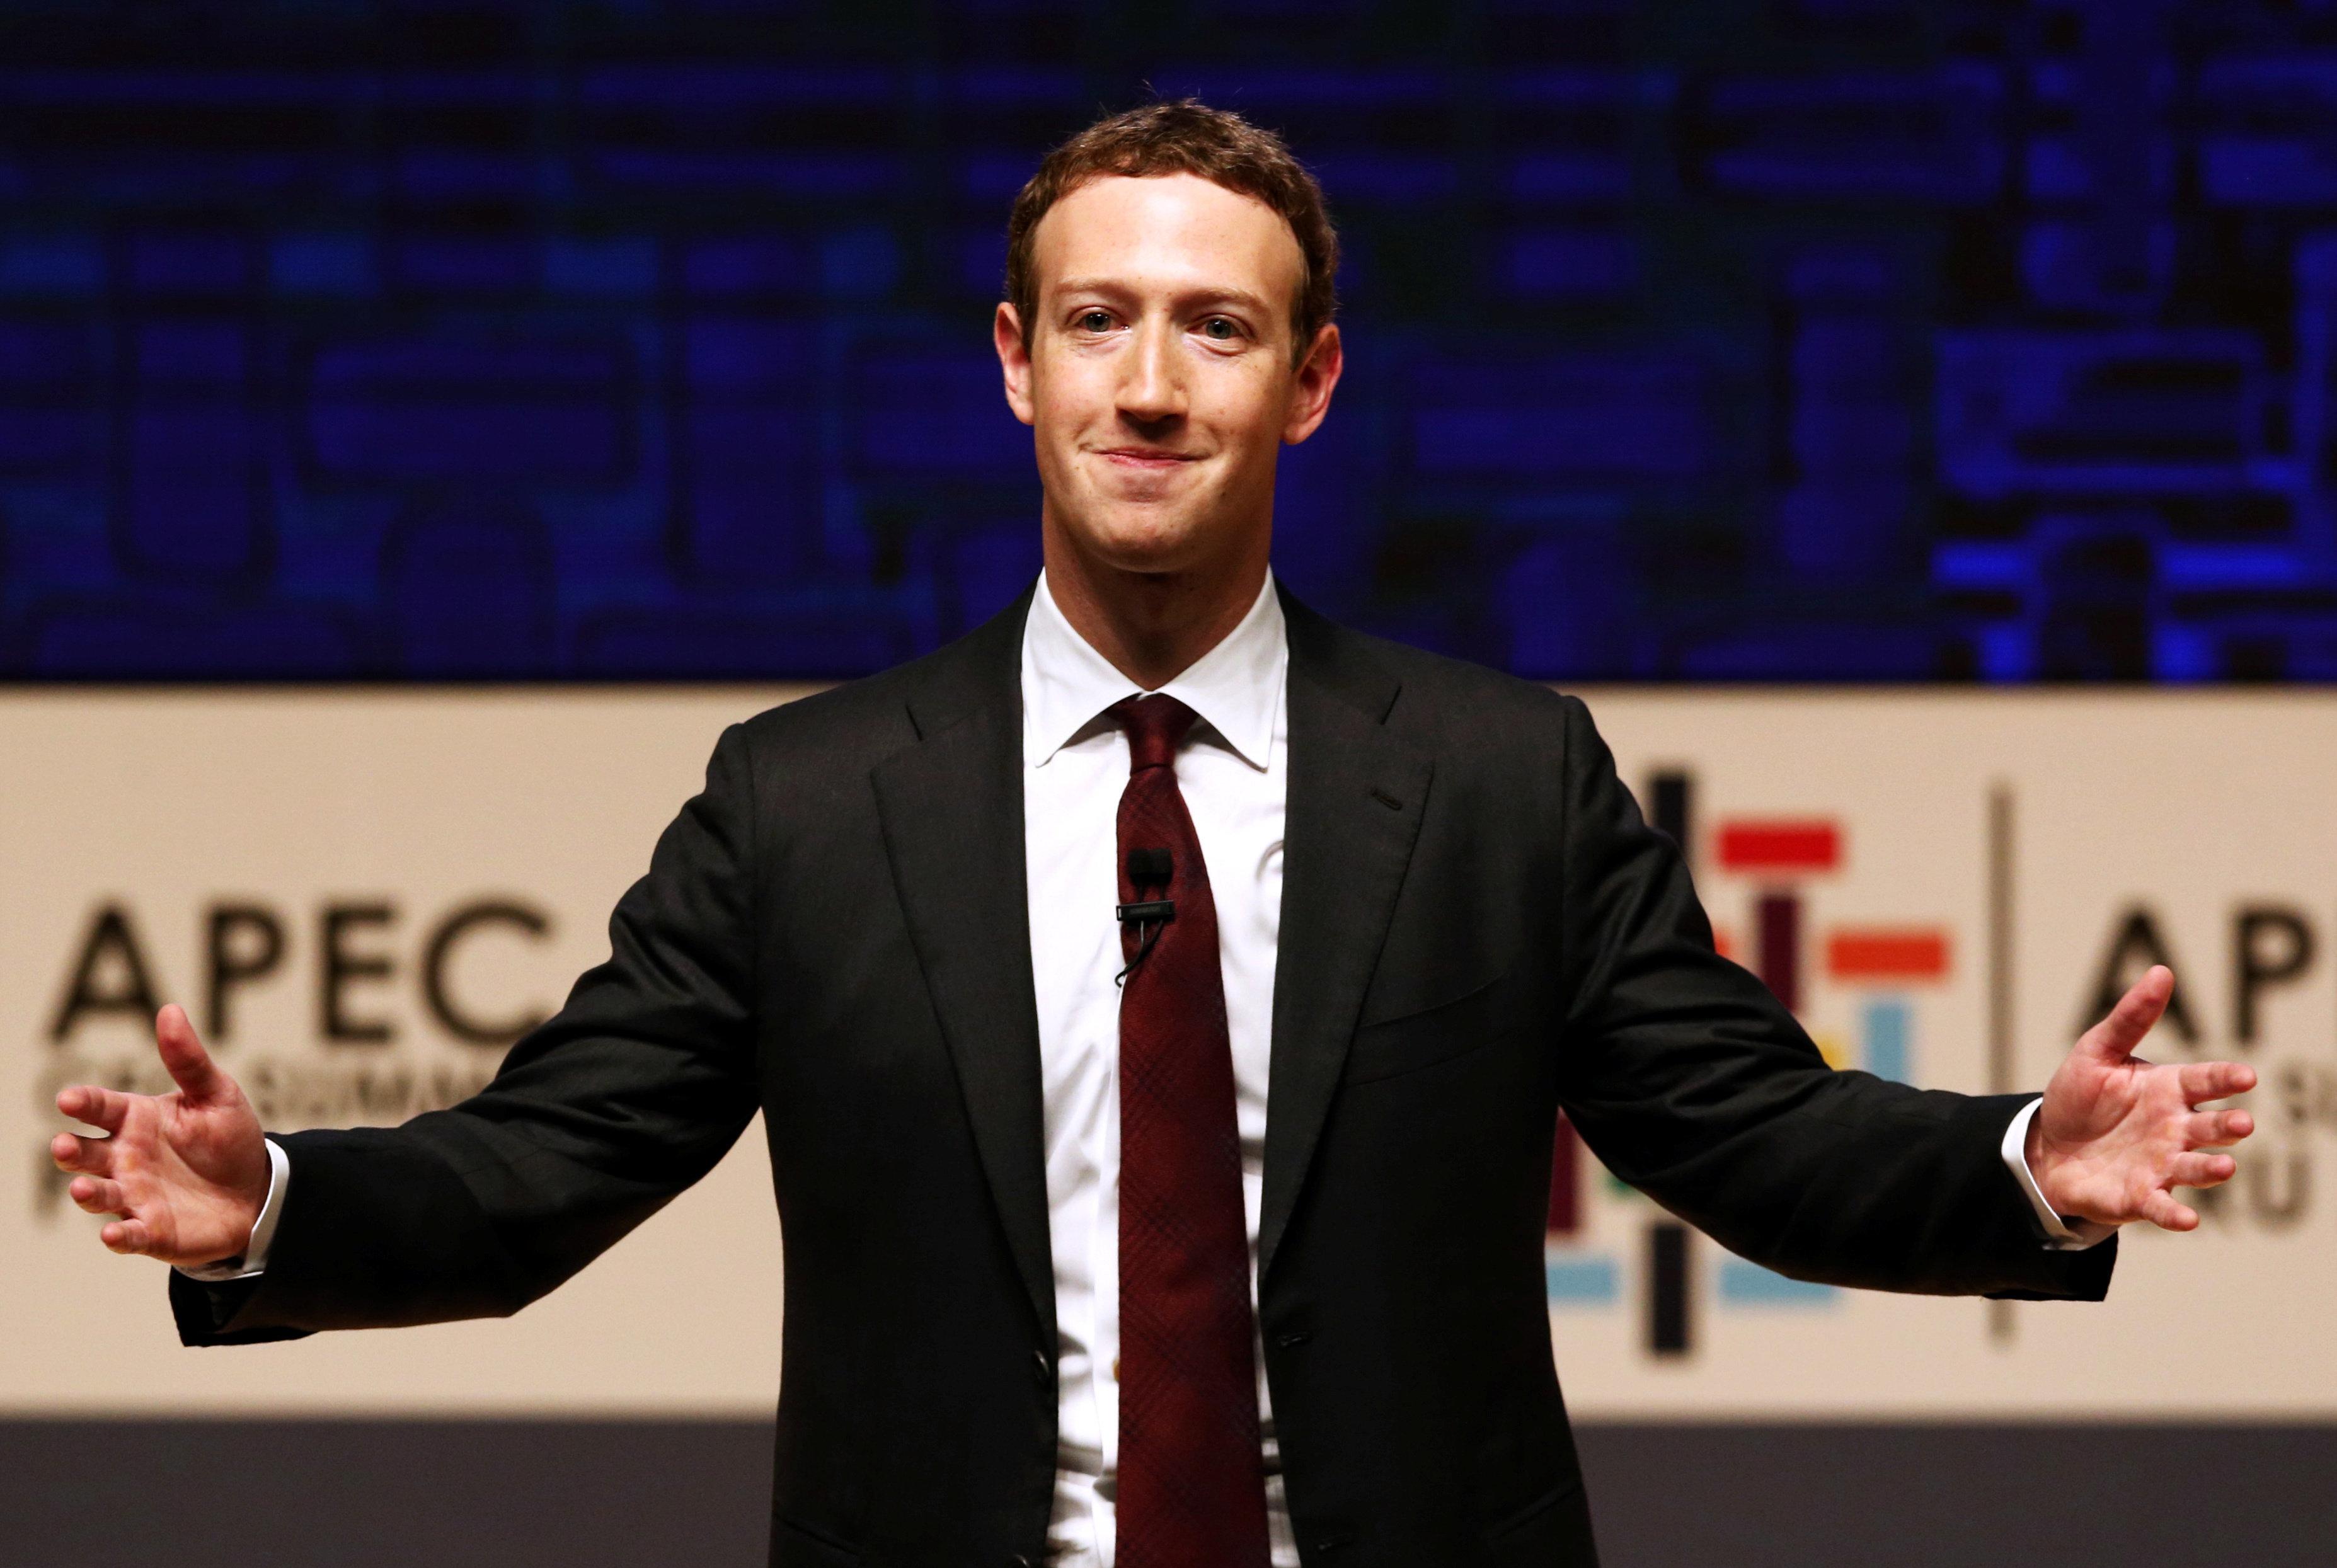 Former Atheist Mark Zuckerberg Gets